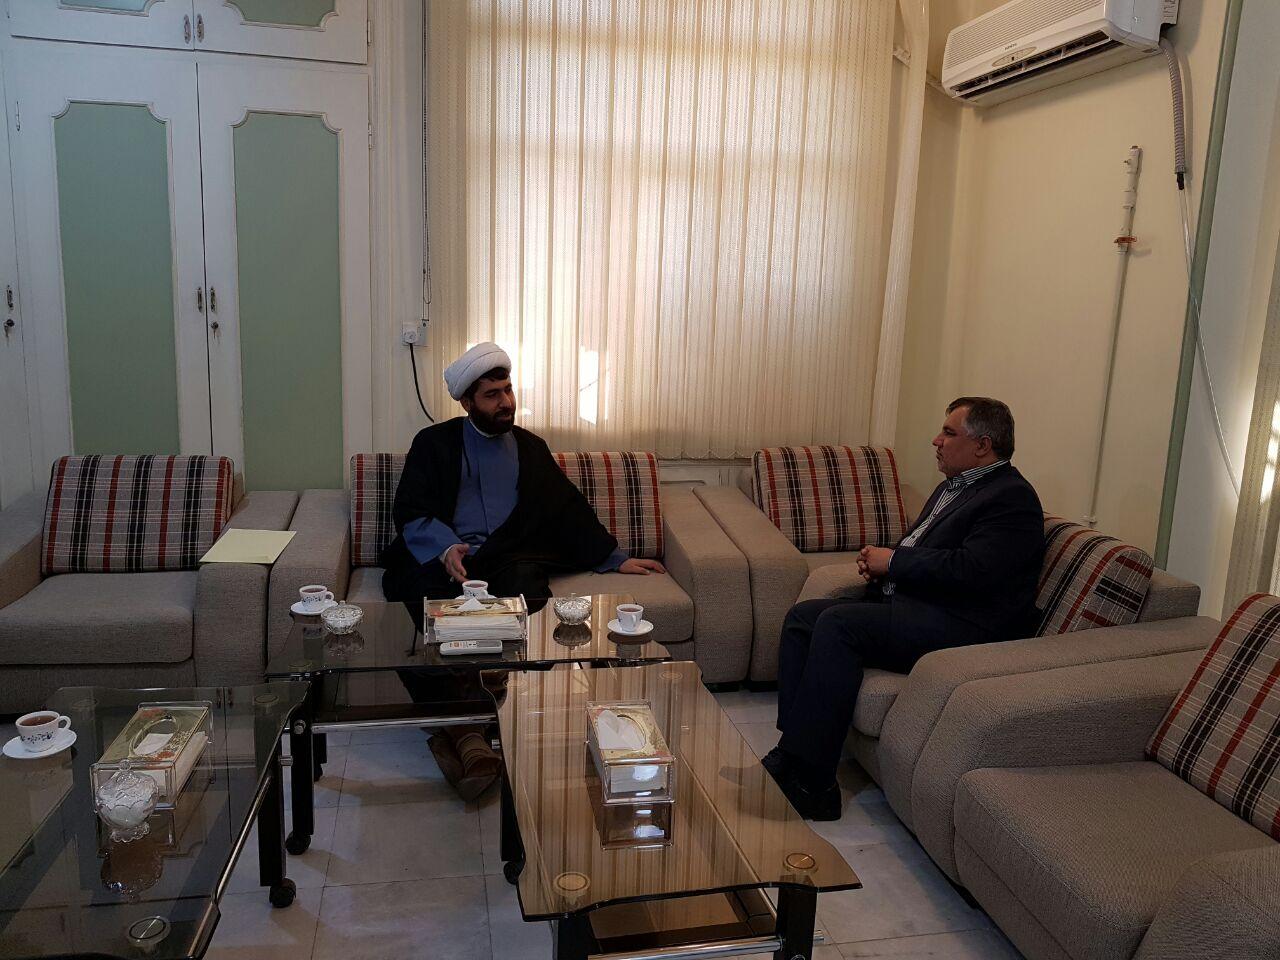 دیدار مدیر عامل ستاد دیه با مدیرکل کمیته امداد امام (ره)